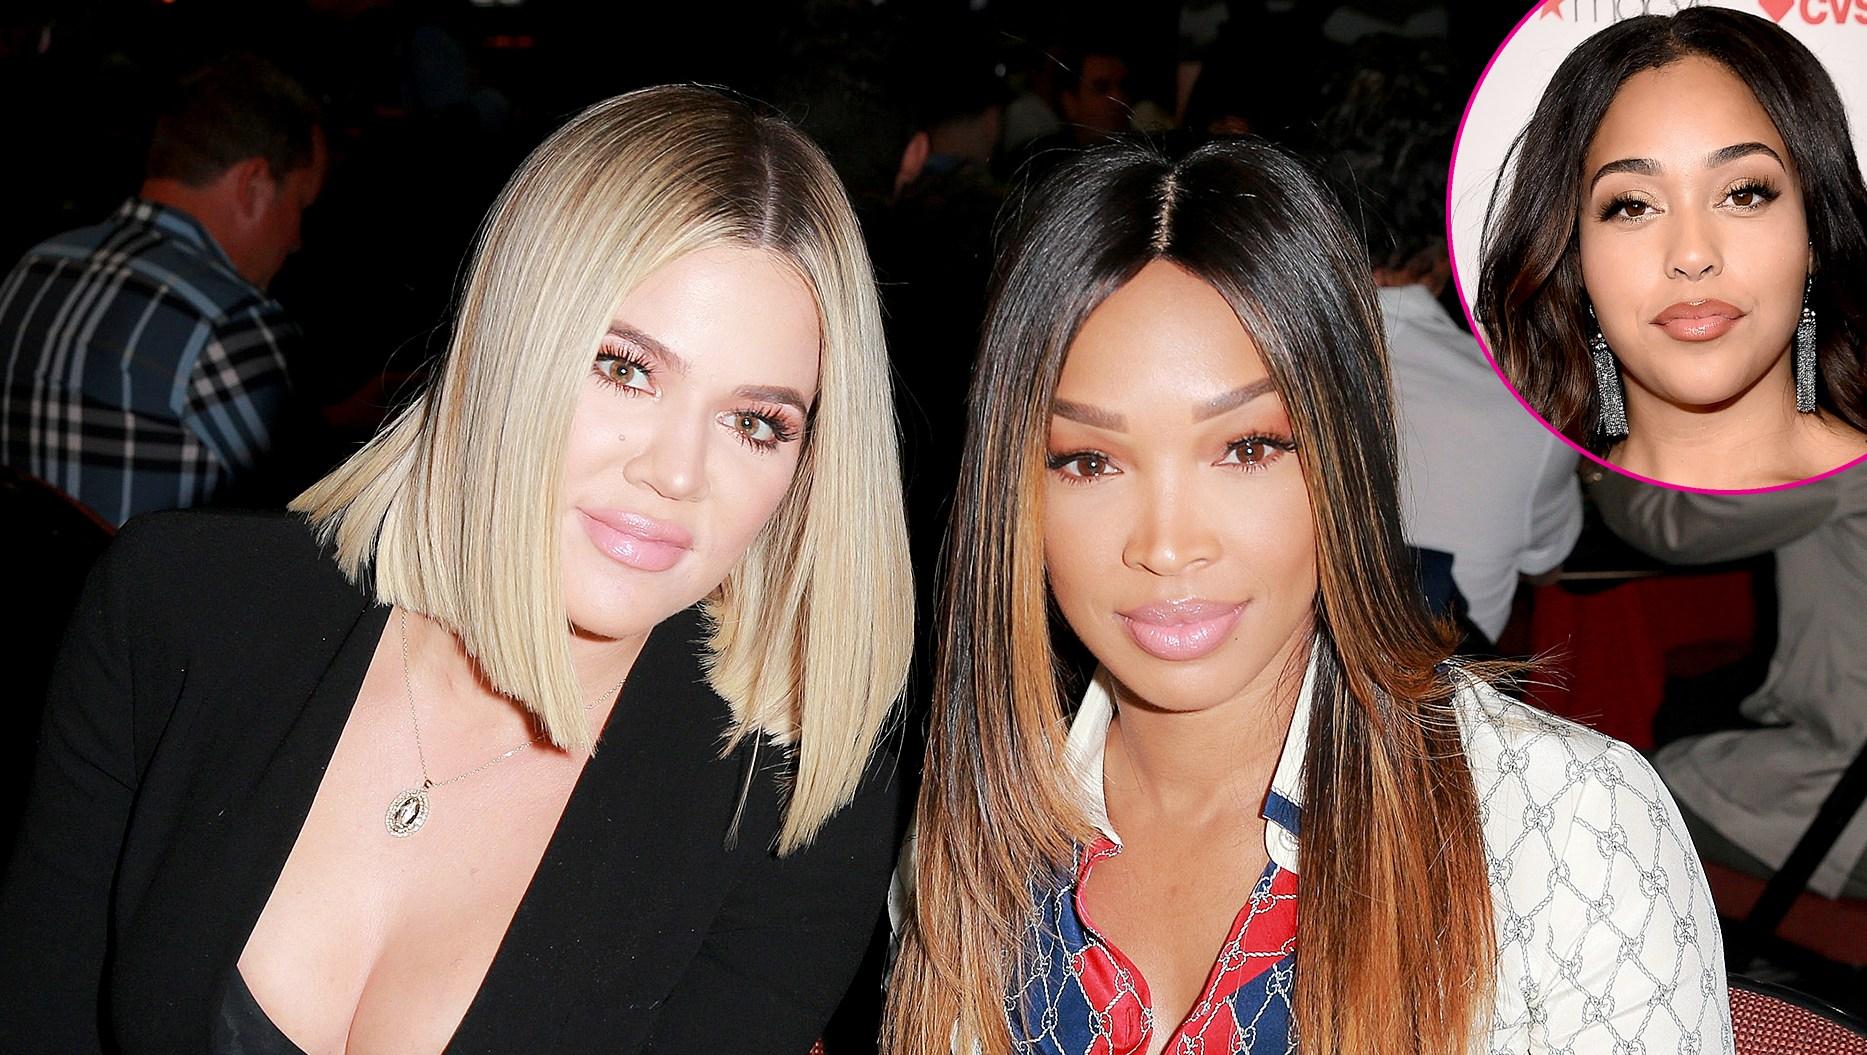 Khloe-Kardashian-and-Malika-Haqq-cheating-scandal-jordyn-woods